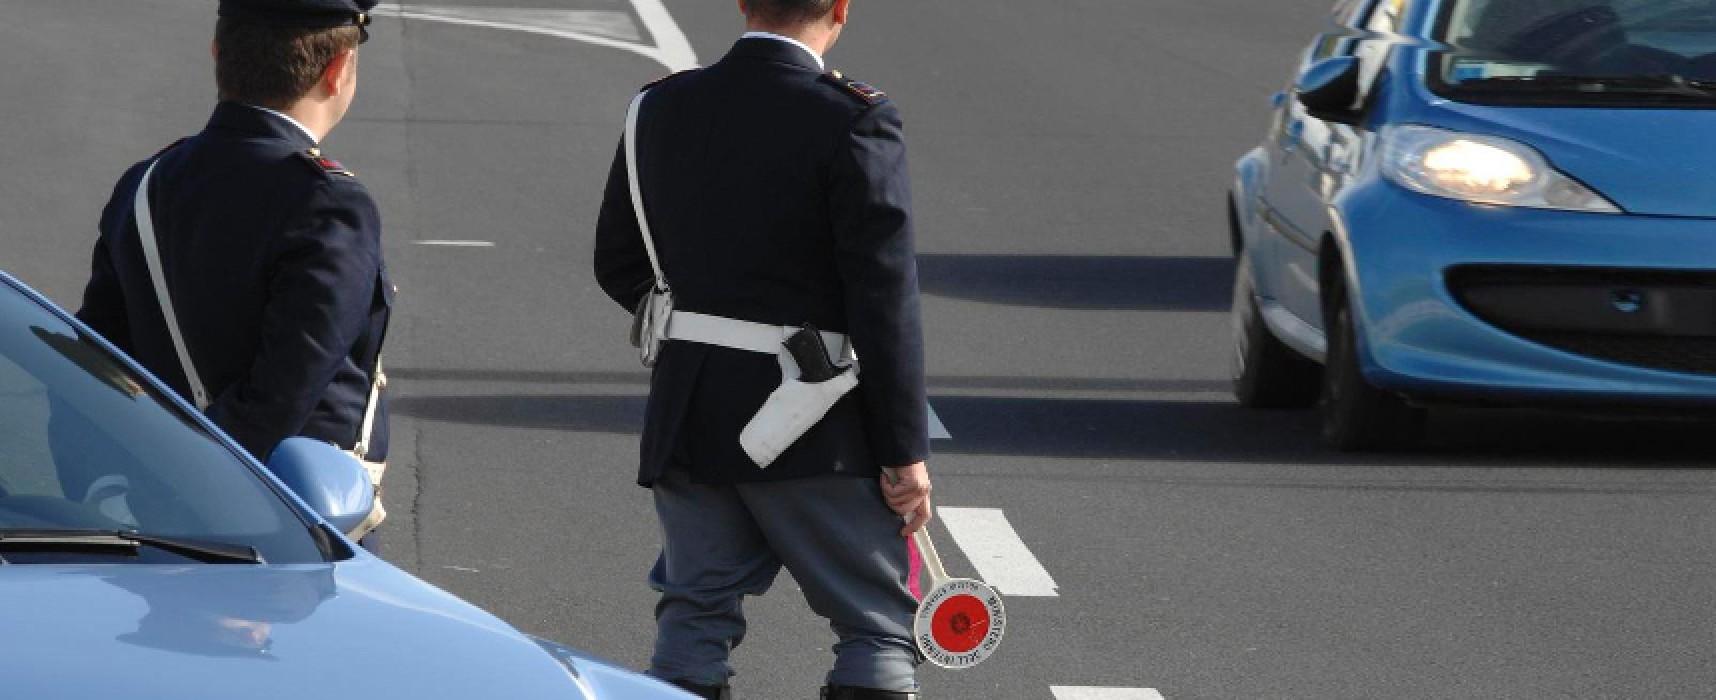 Ferragosto sicuro, coordinamento forze dell'ordine in Prefettura per contrasto spaccio droghe e uso alcool